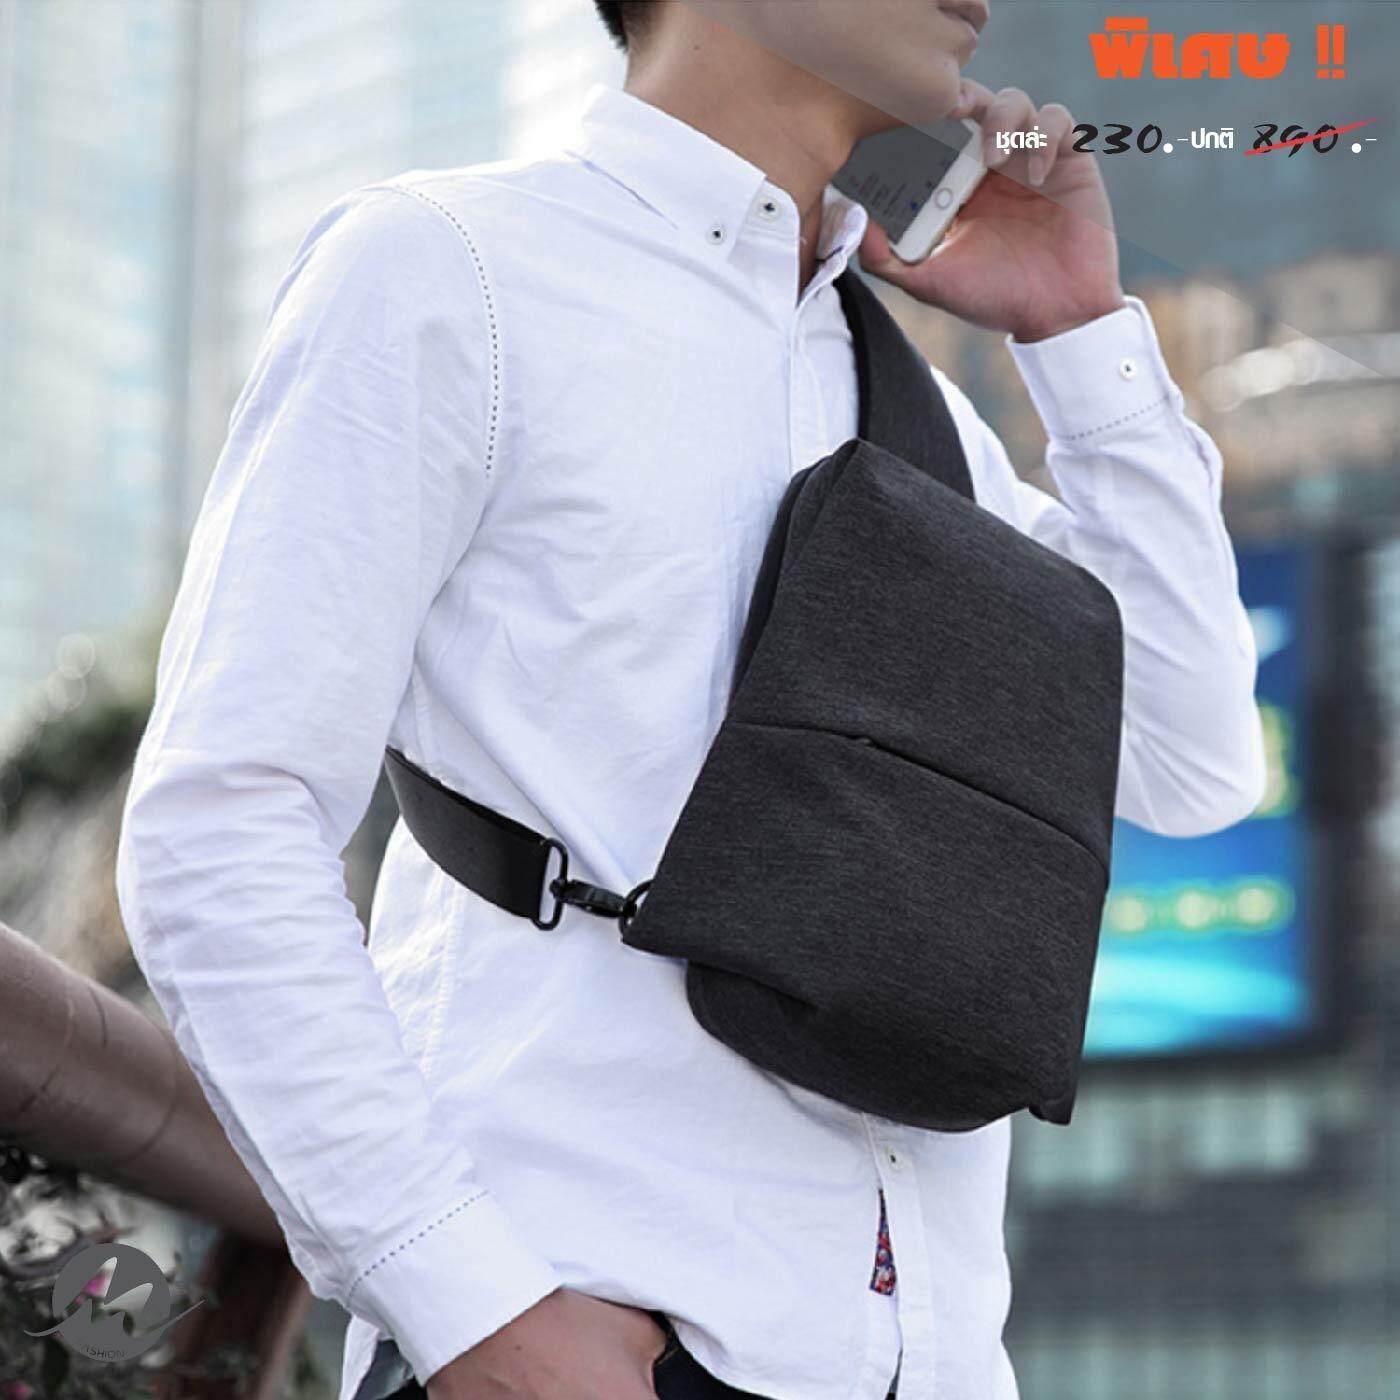 กระเป๋า กระเป๋าผู้ชาย กระเป๋าแฟชั่นผู้ชาย กระเป๋าสะพายข้างลำตัว กระเป๋าคาดอก ขนาด 32X17 5X8 สีดำ เป็นต้นฉบับ